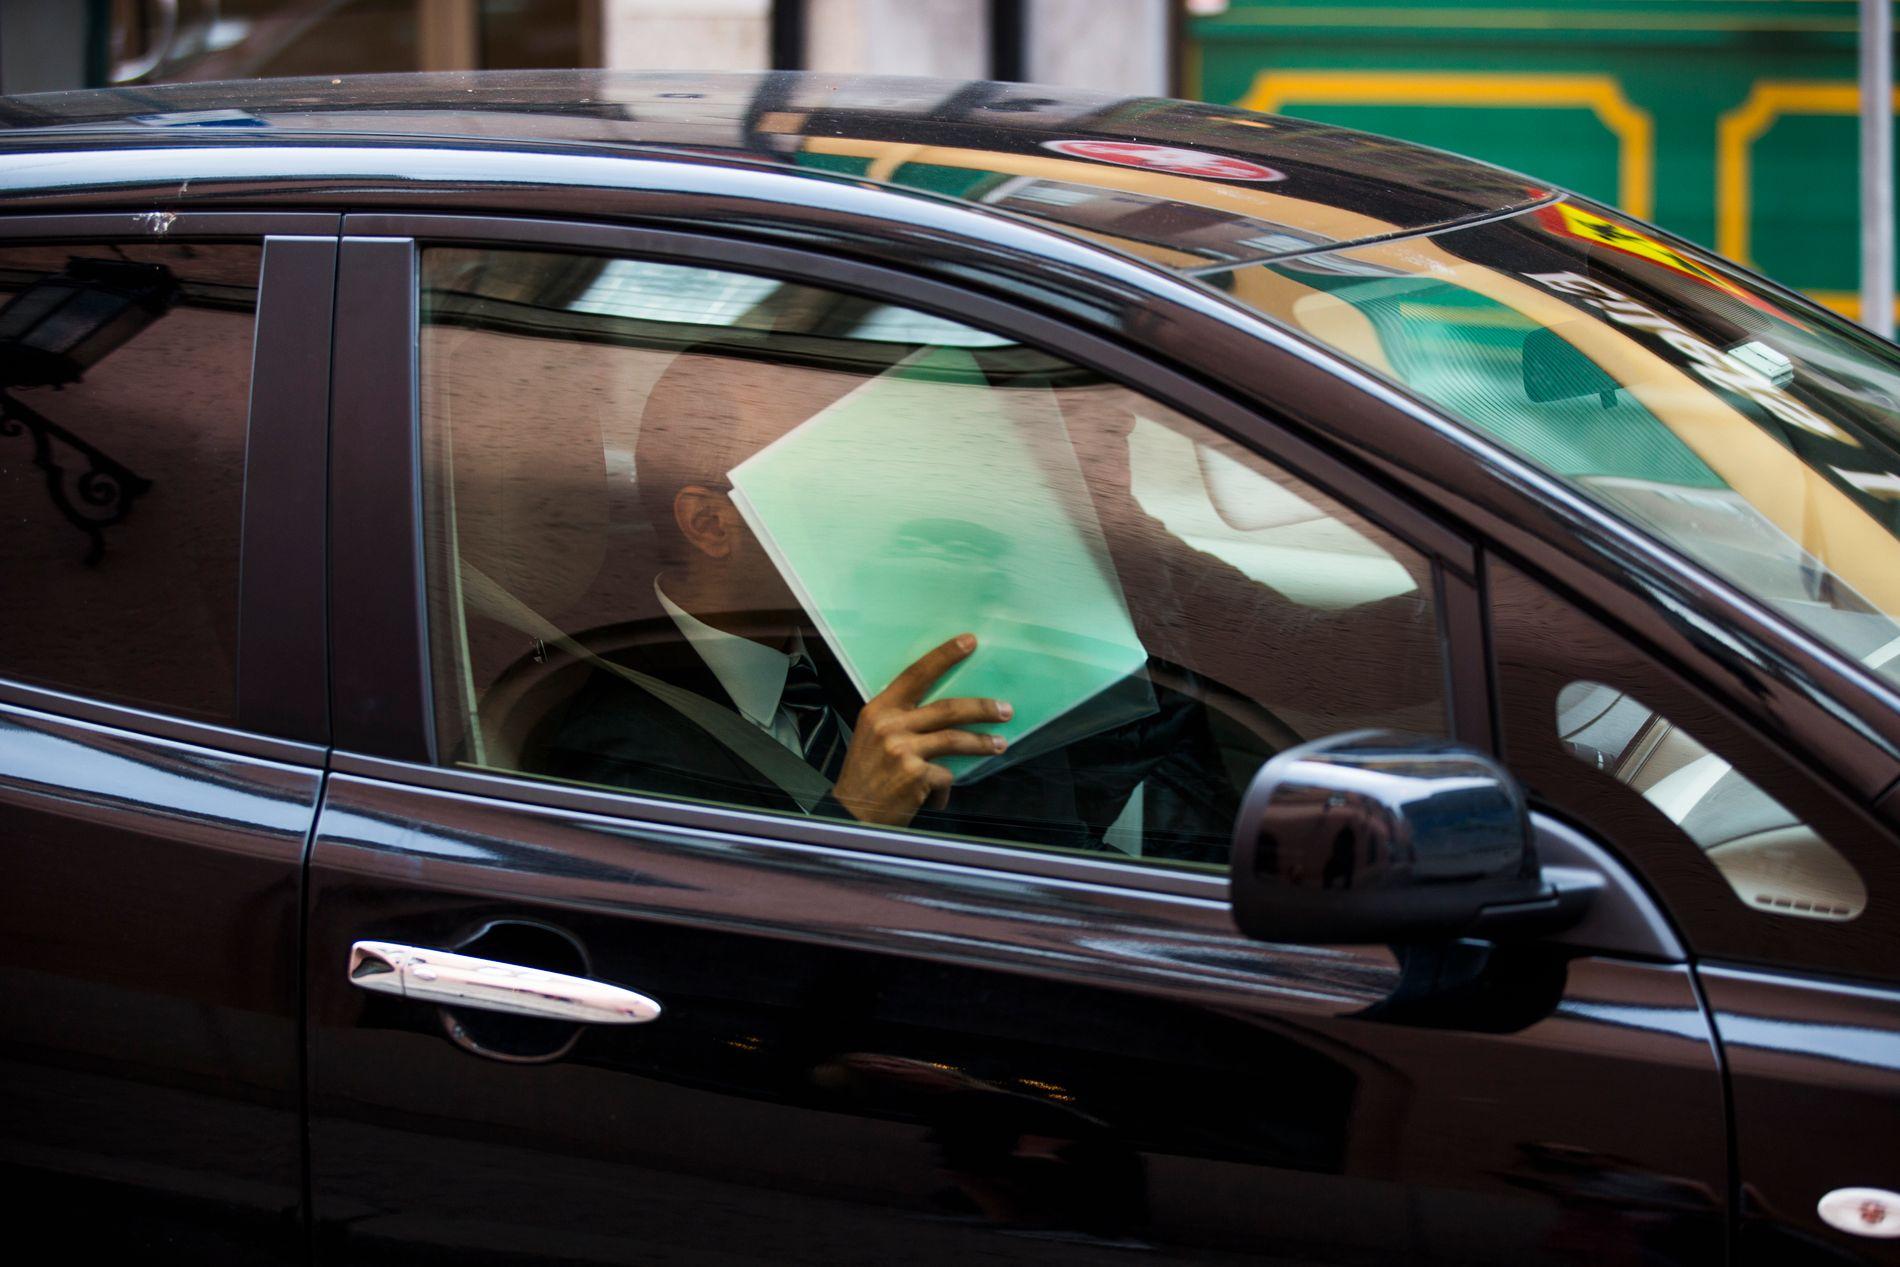 SKJULTE SEG: 16. juni, dagen etter VGs avsløring «Advokaten og torpedoen», ble Amir Mirmotahari pågrepet av politiet. Her er han avbildet da han kjørte forbi advokatkontoret sitt i Oslo sentrum samme dag som pågripelsen.